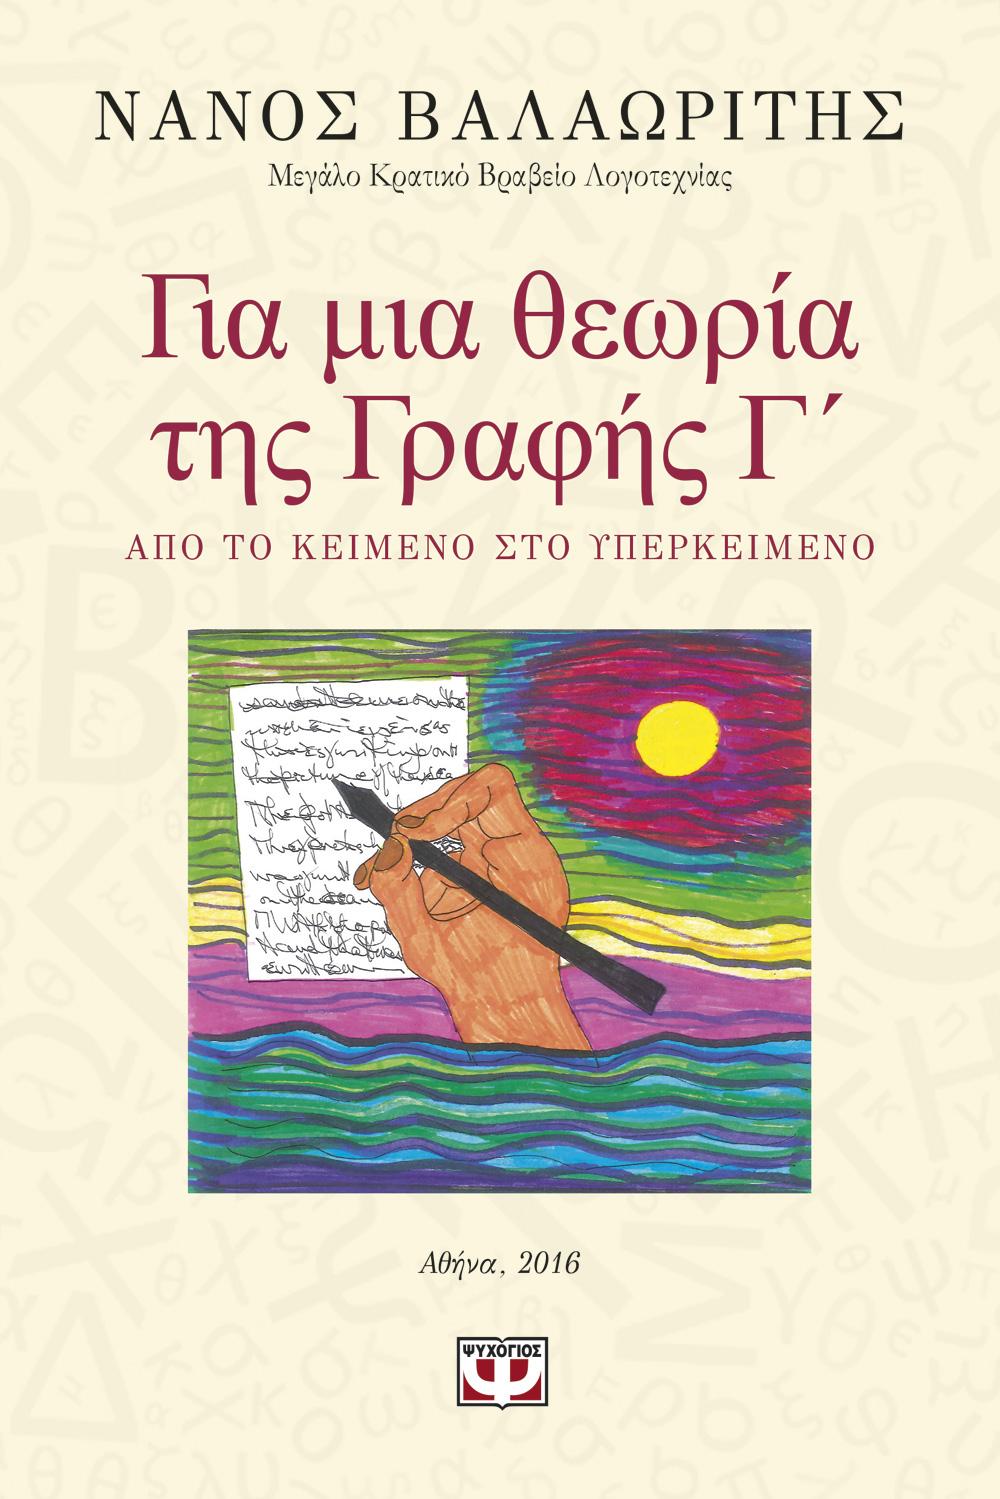 Για Μια Θεωρία Της Γραφής Γ΄ bibliopoleio biblia poikila uemata